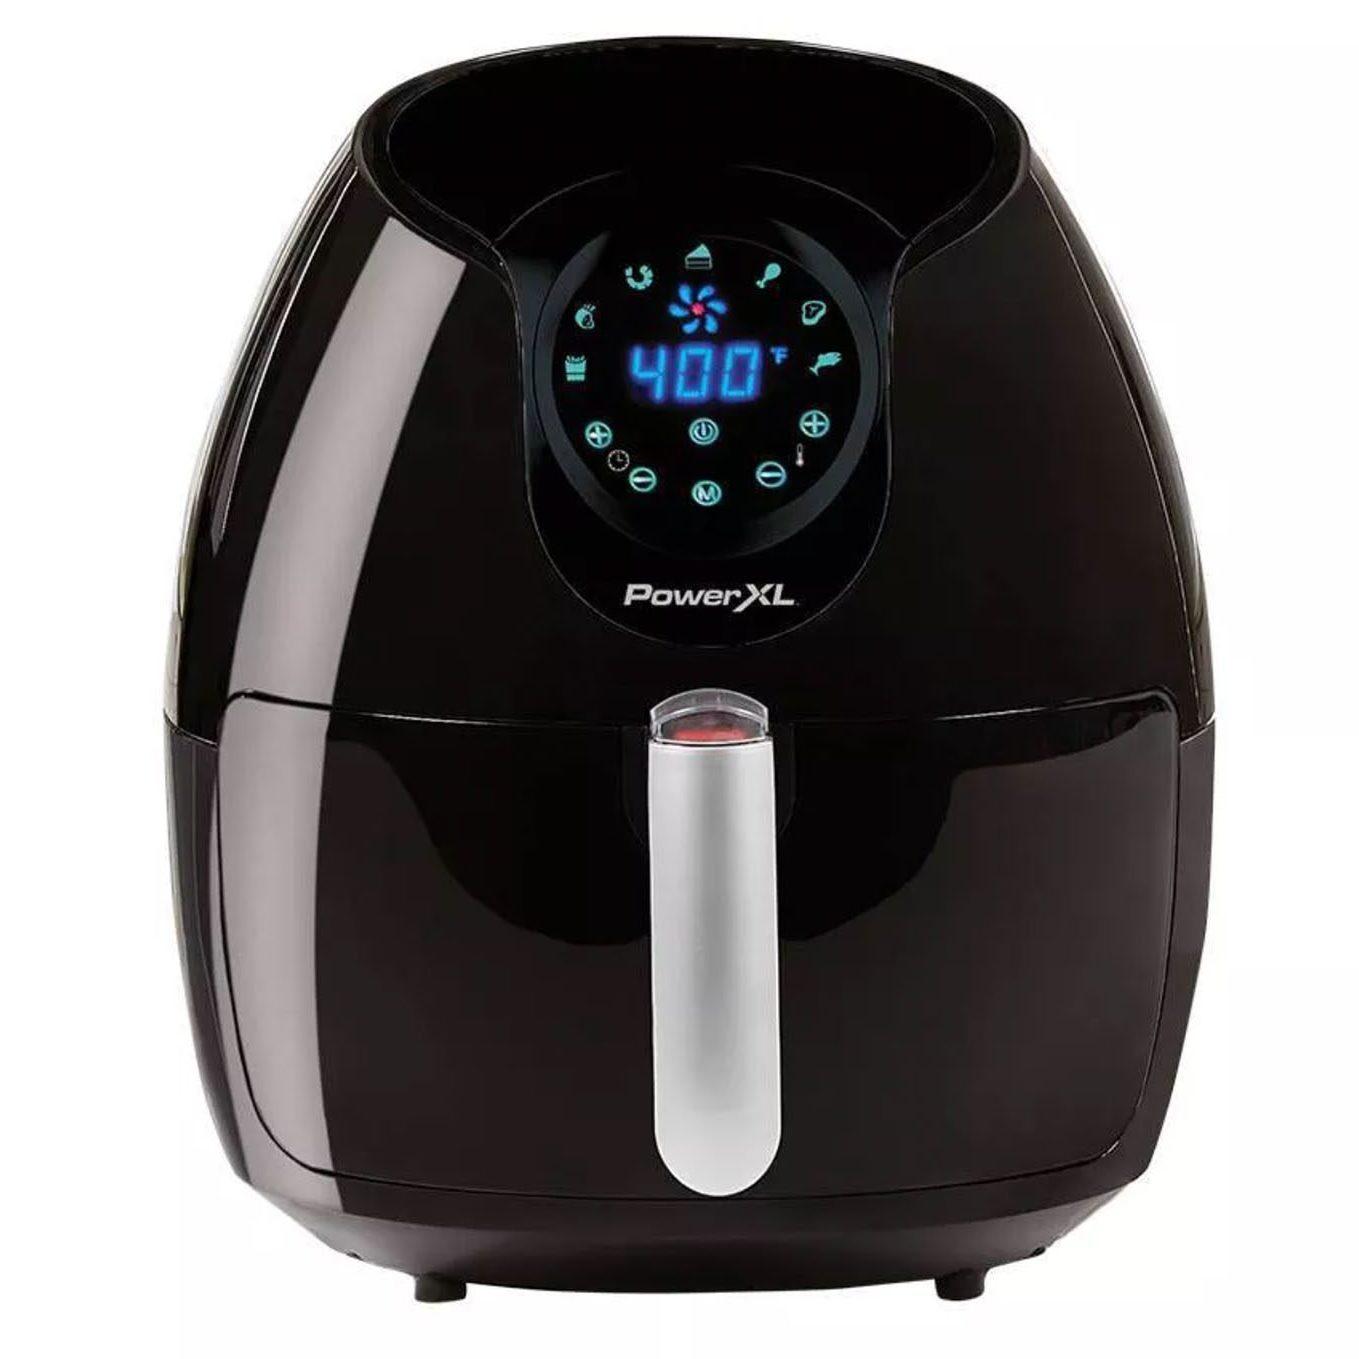 PowerXL 5qt Single Basket Air Fryer - Black